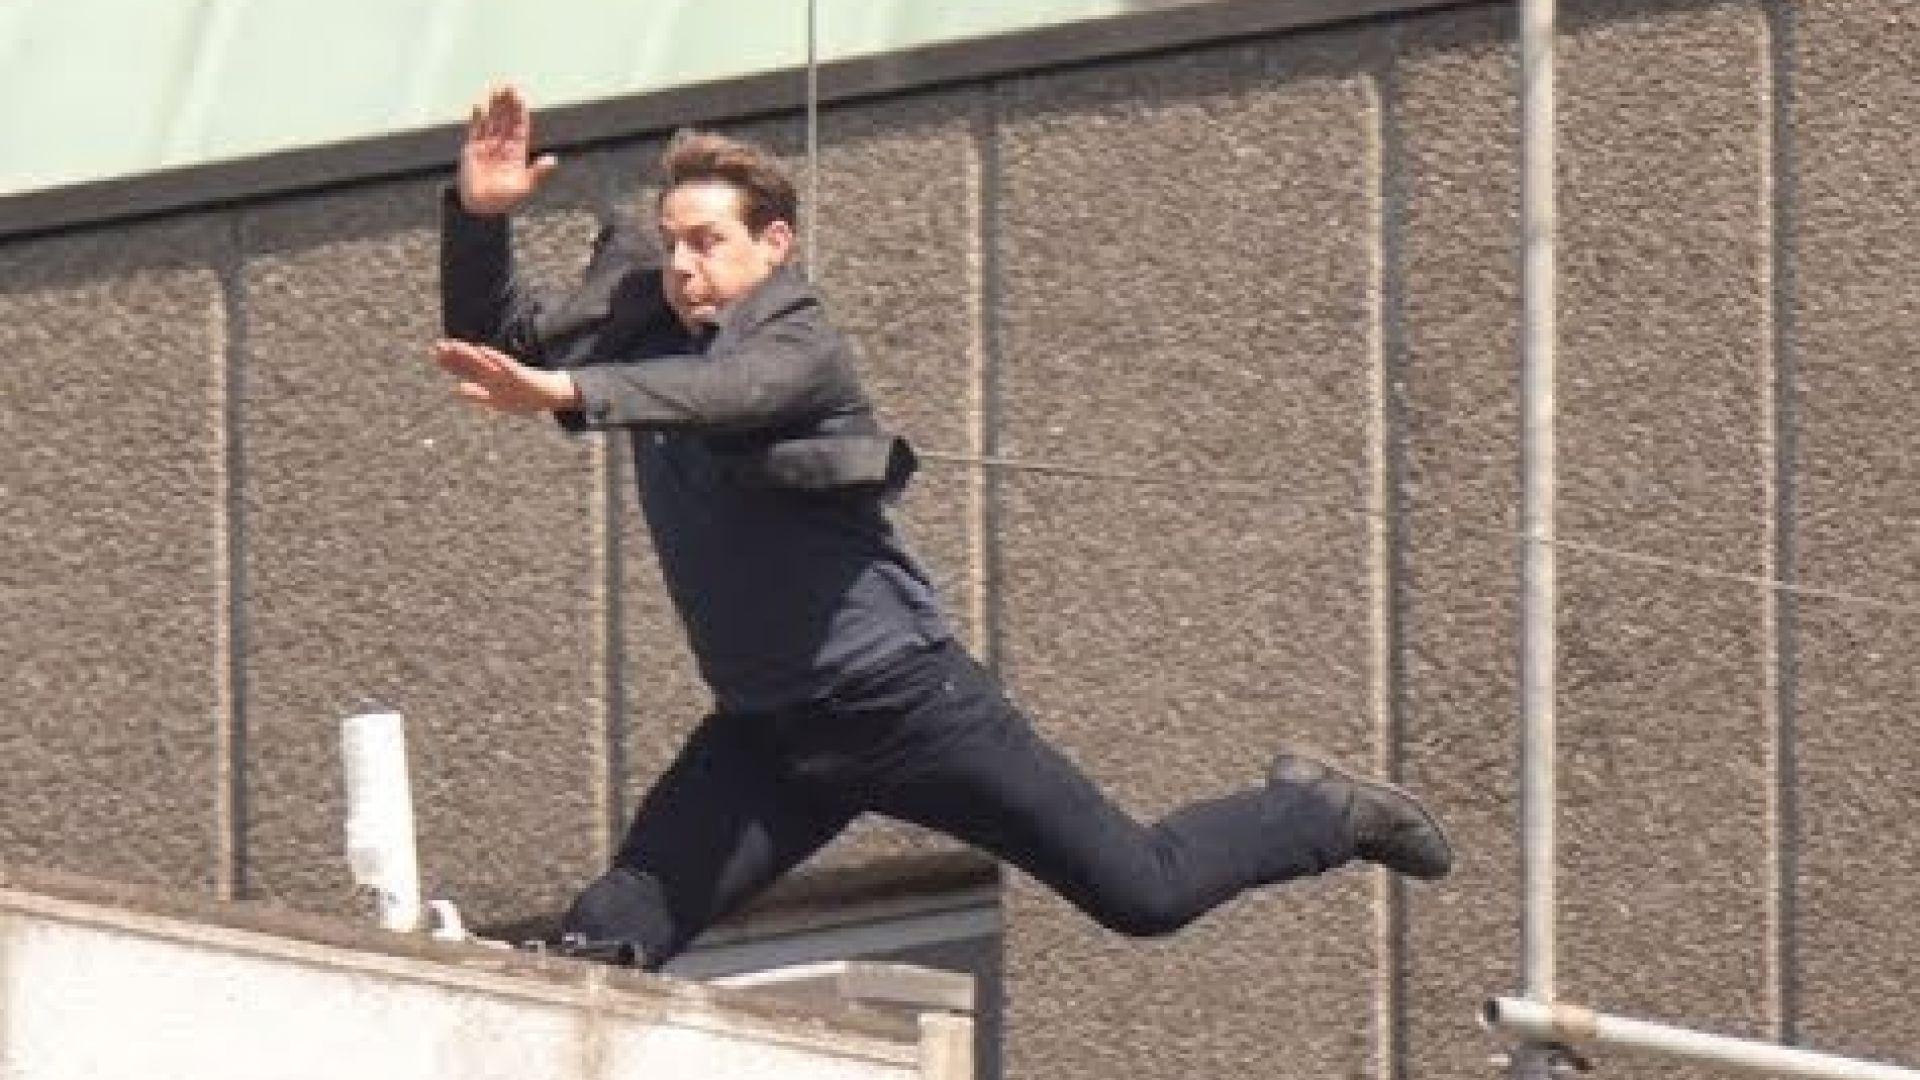 Tom Cruise - TMZ footage 'Mission Impossible 6' Stunt